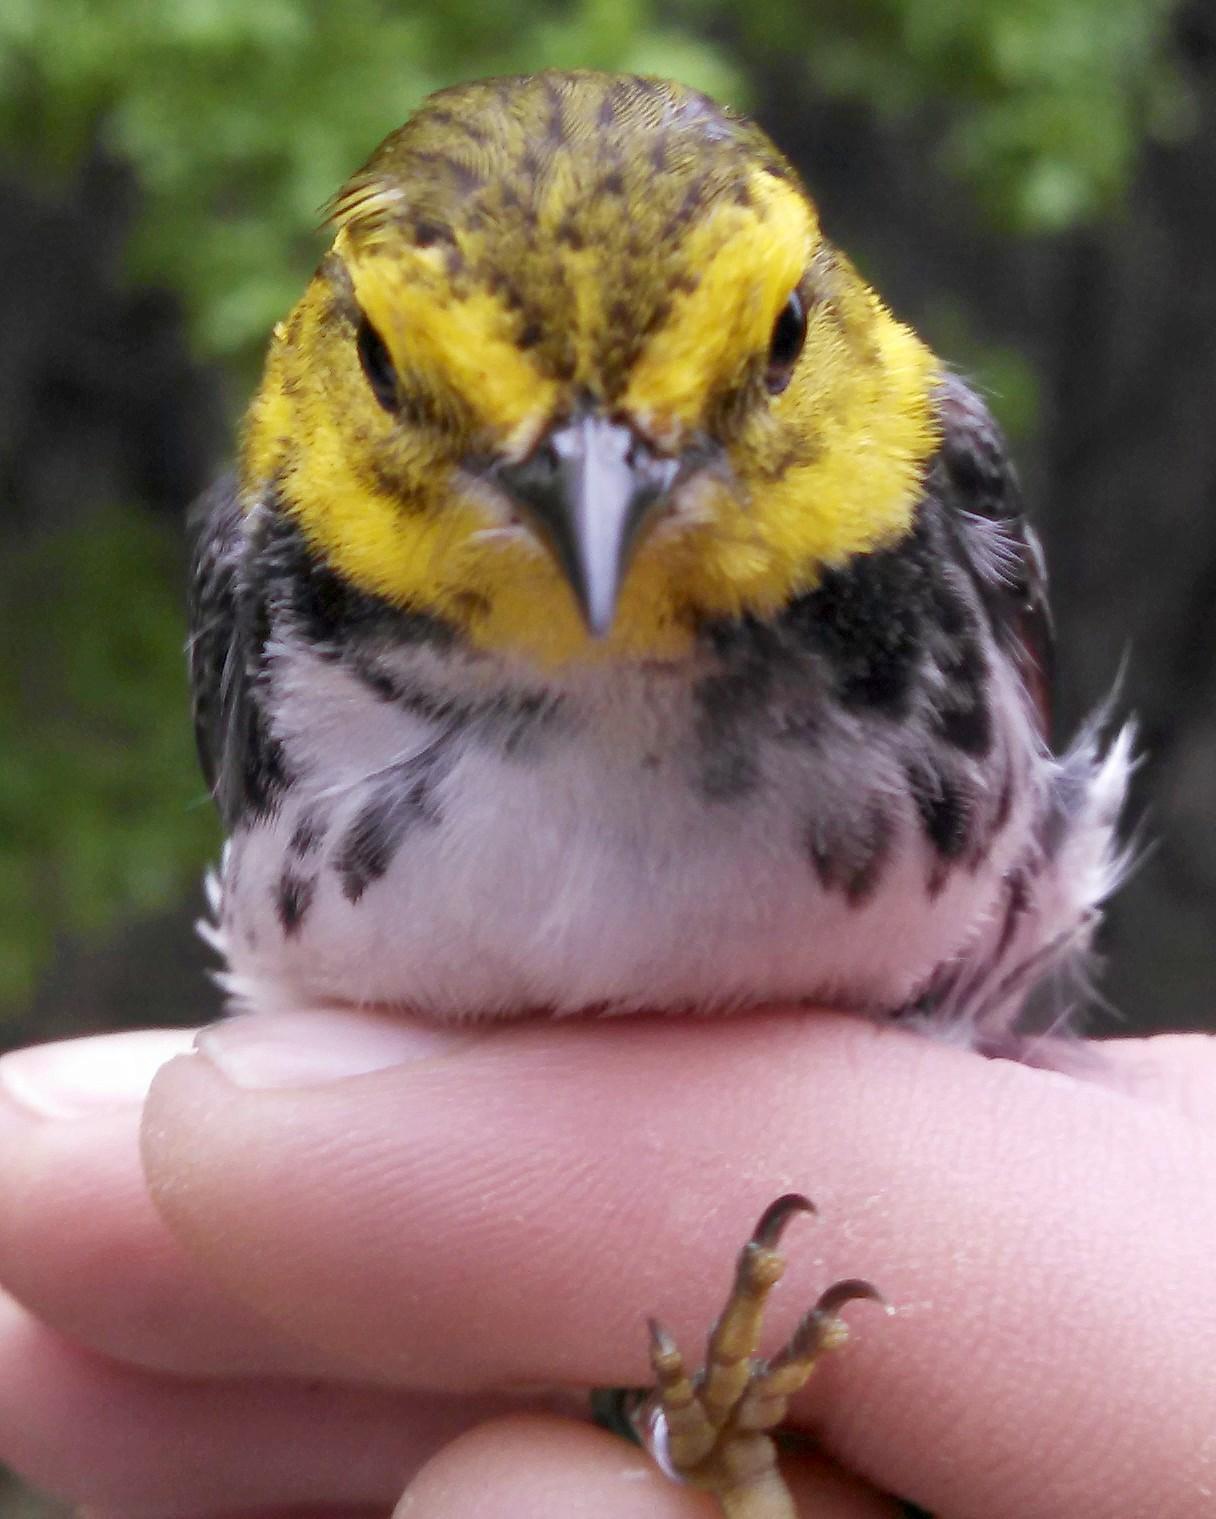 Golden-cheeked Warbler Photo by David Hollie